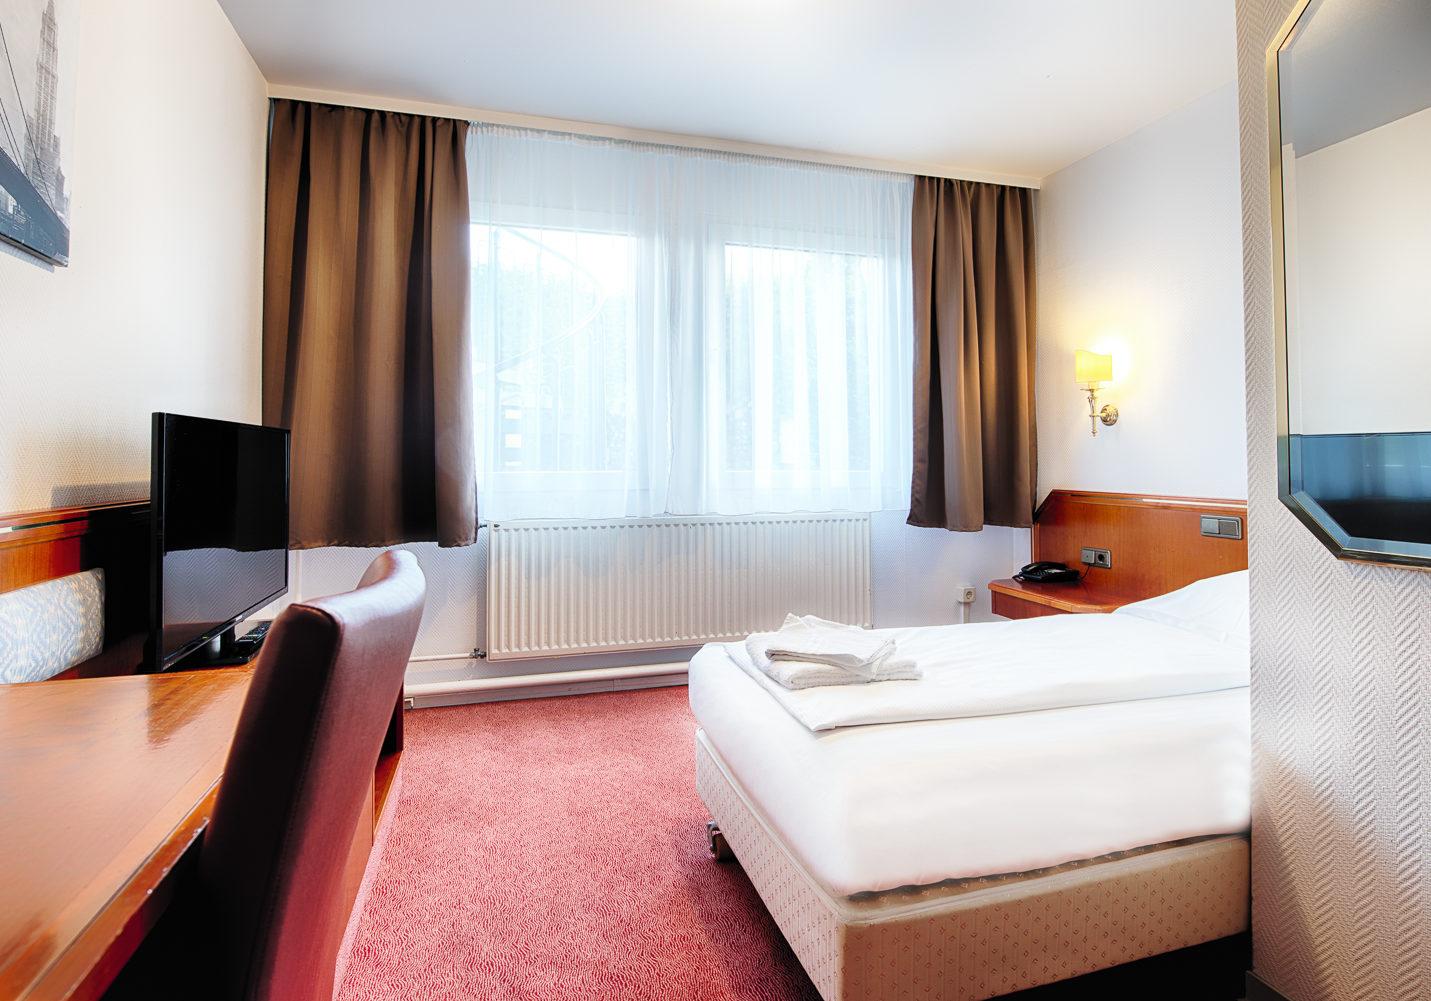 HOTEL_B1_114_1BETT_1_klein